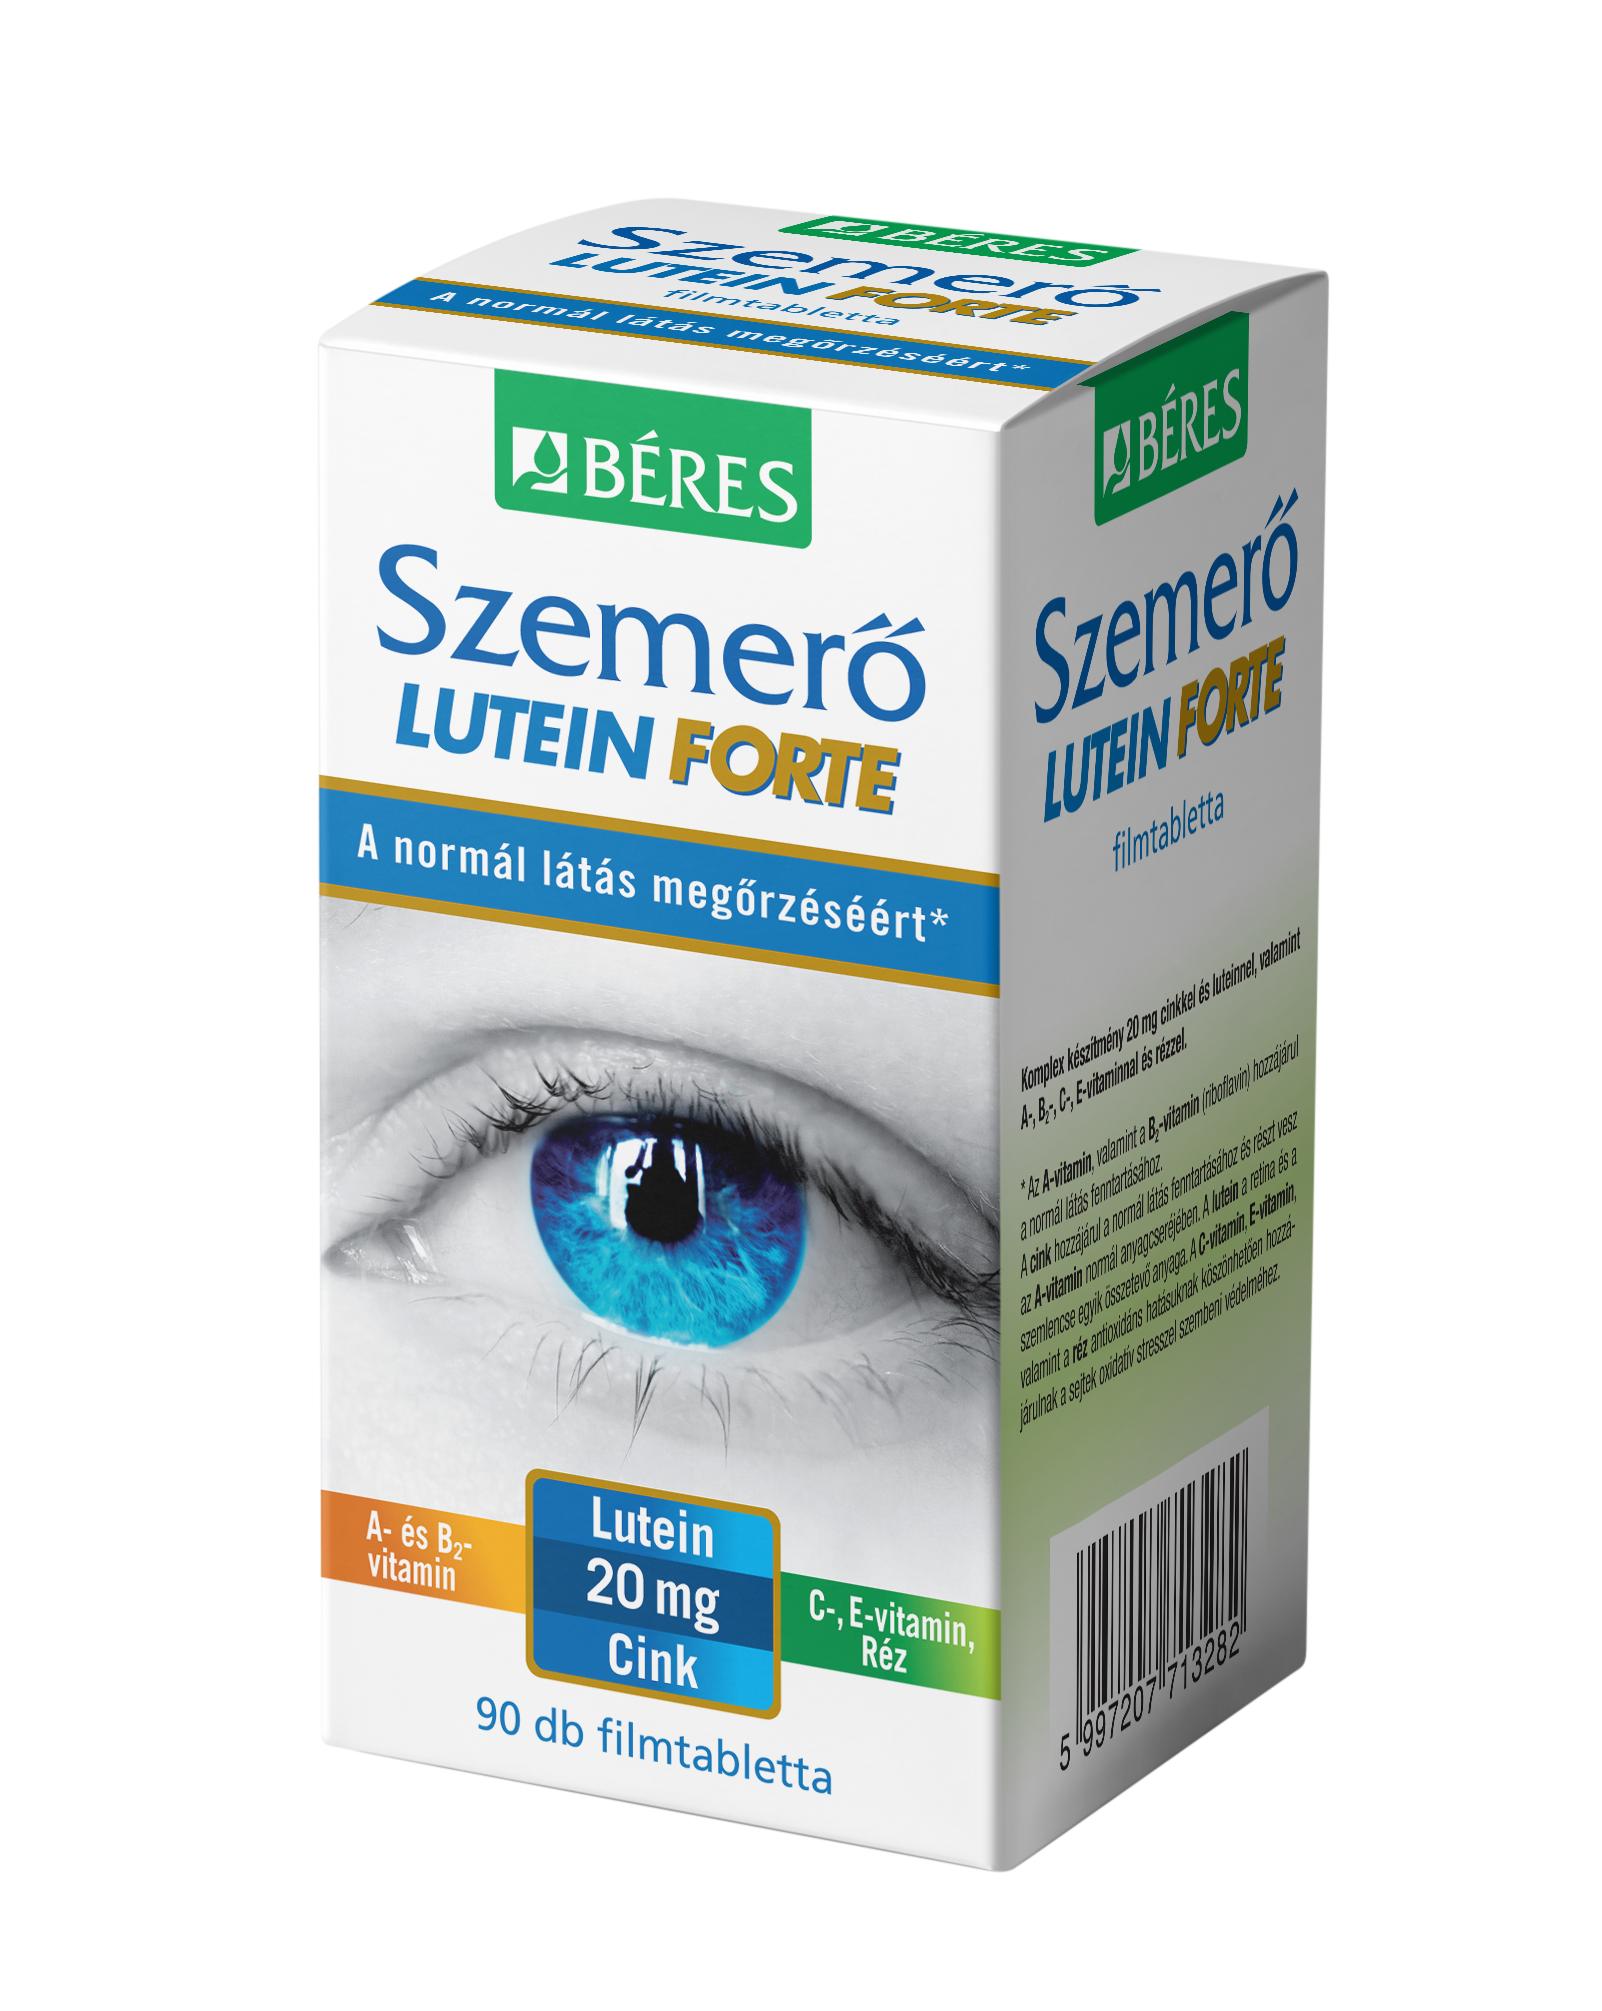 Béres Szemerő Lutein Forte étrendkiegészítő ftabl. 90x